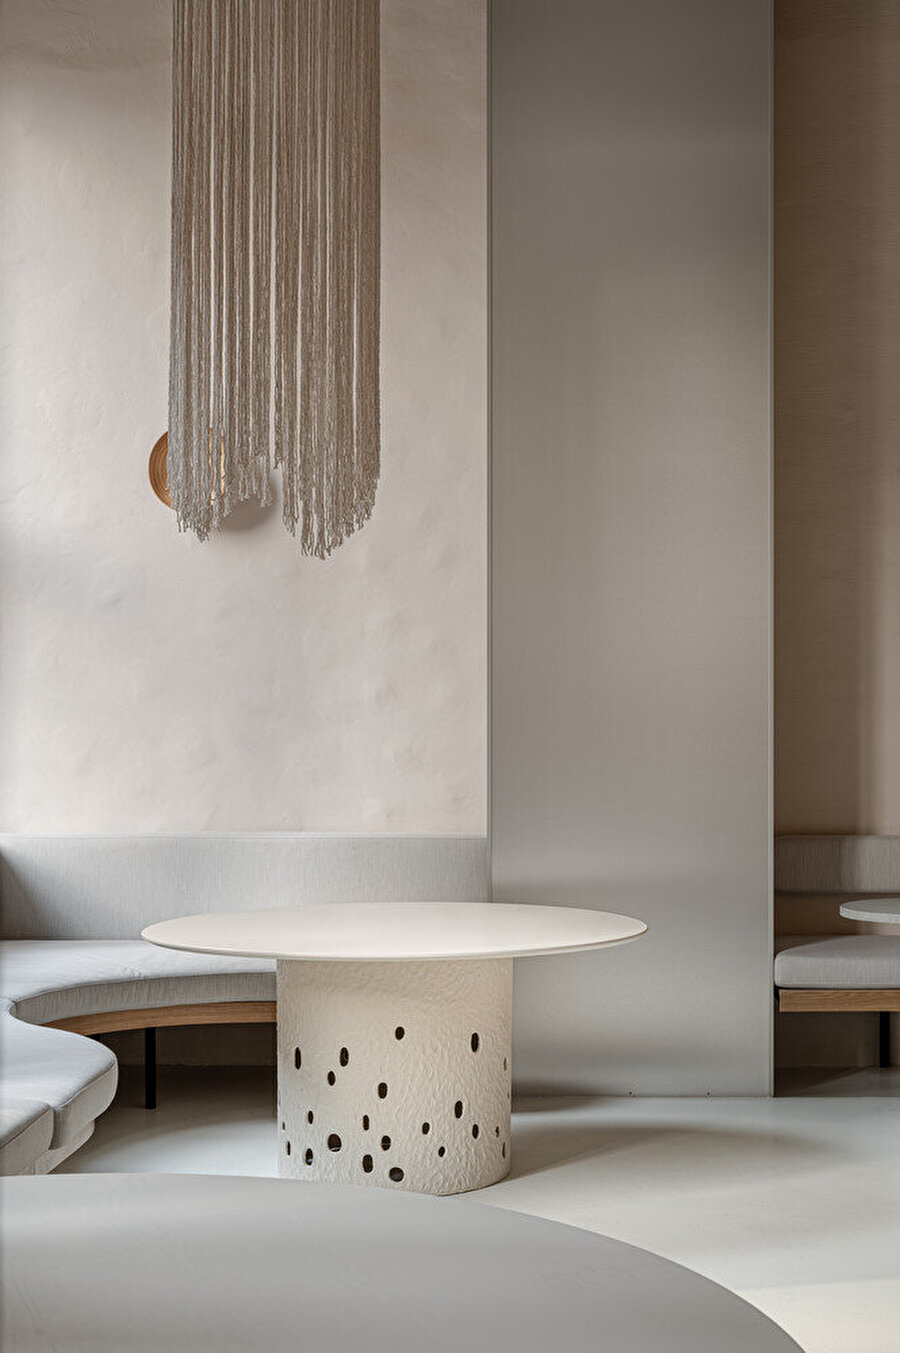 Koltukların basit ve geometrik şekilleri masa ve aksesuarların yuvarlak hatlarıyla yumuşatılıyor.